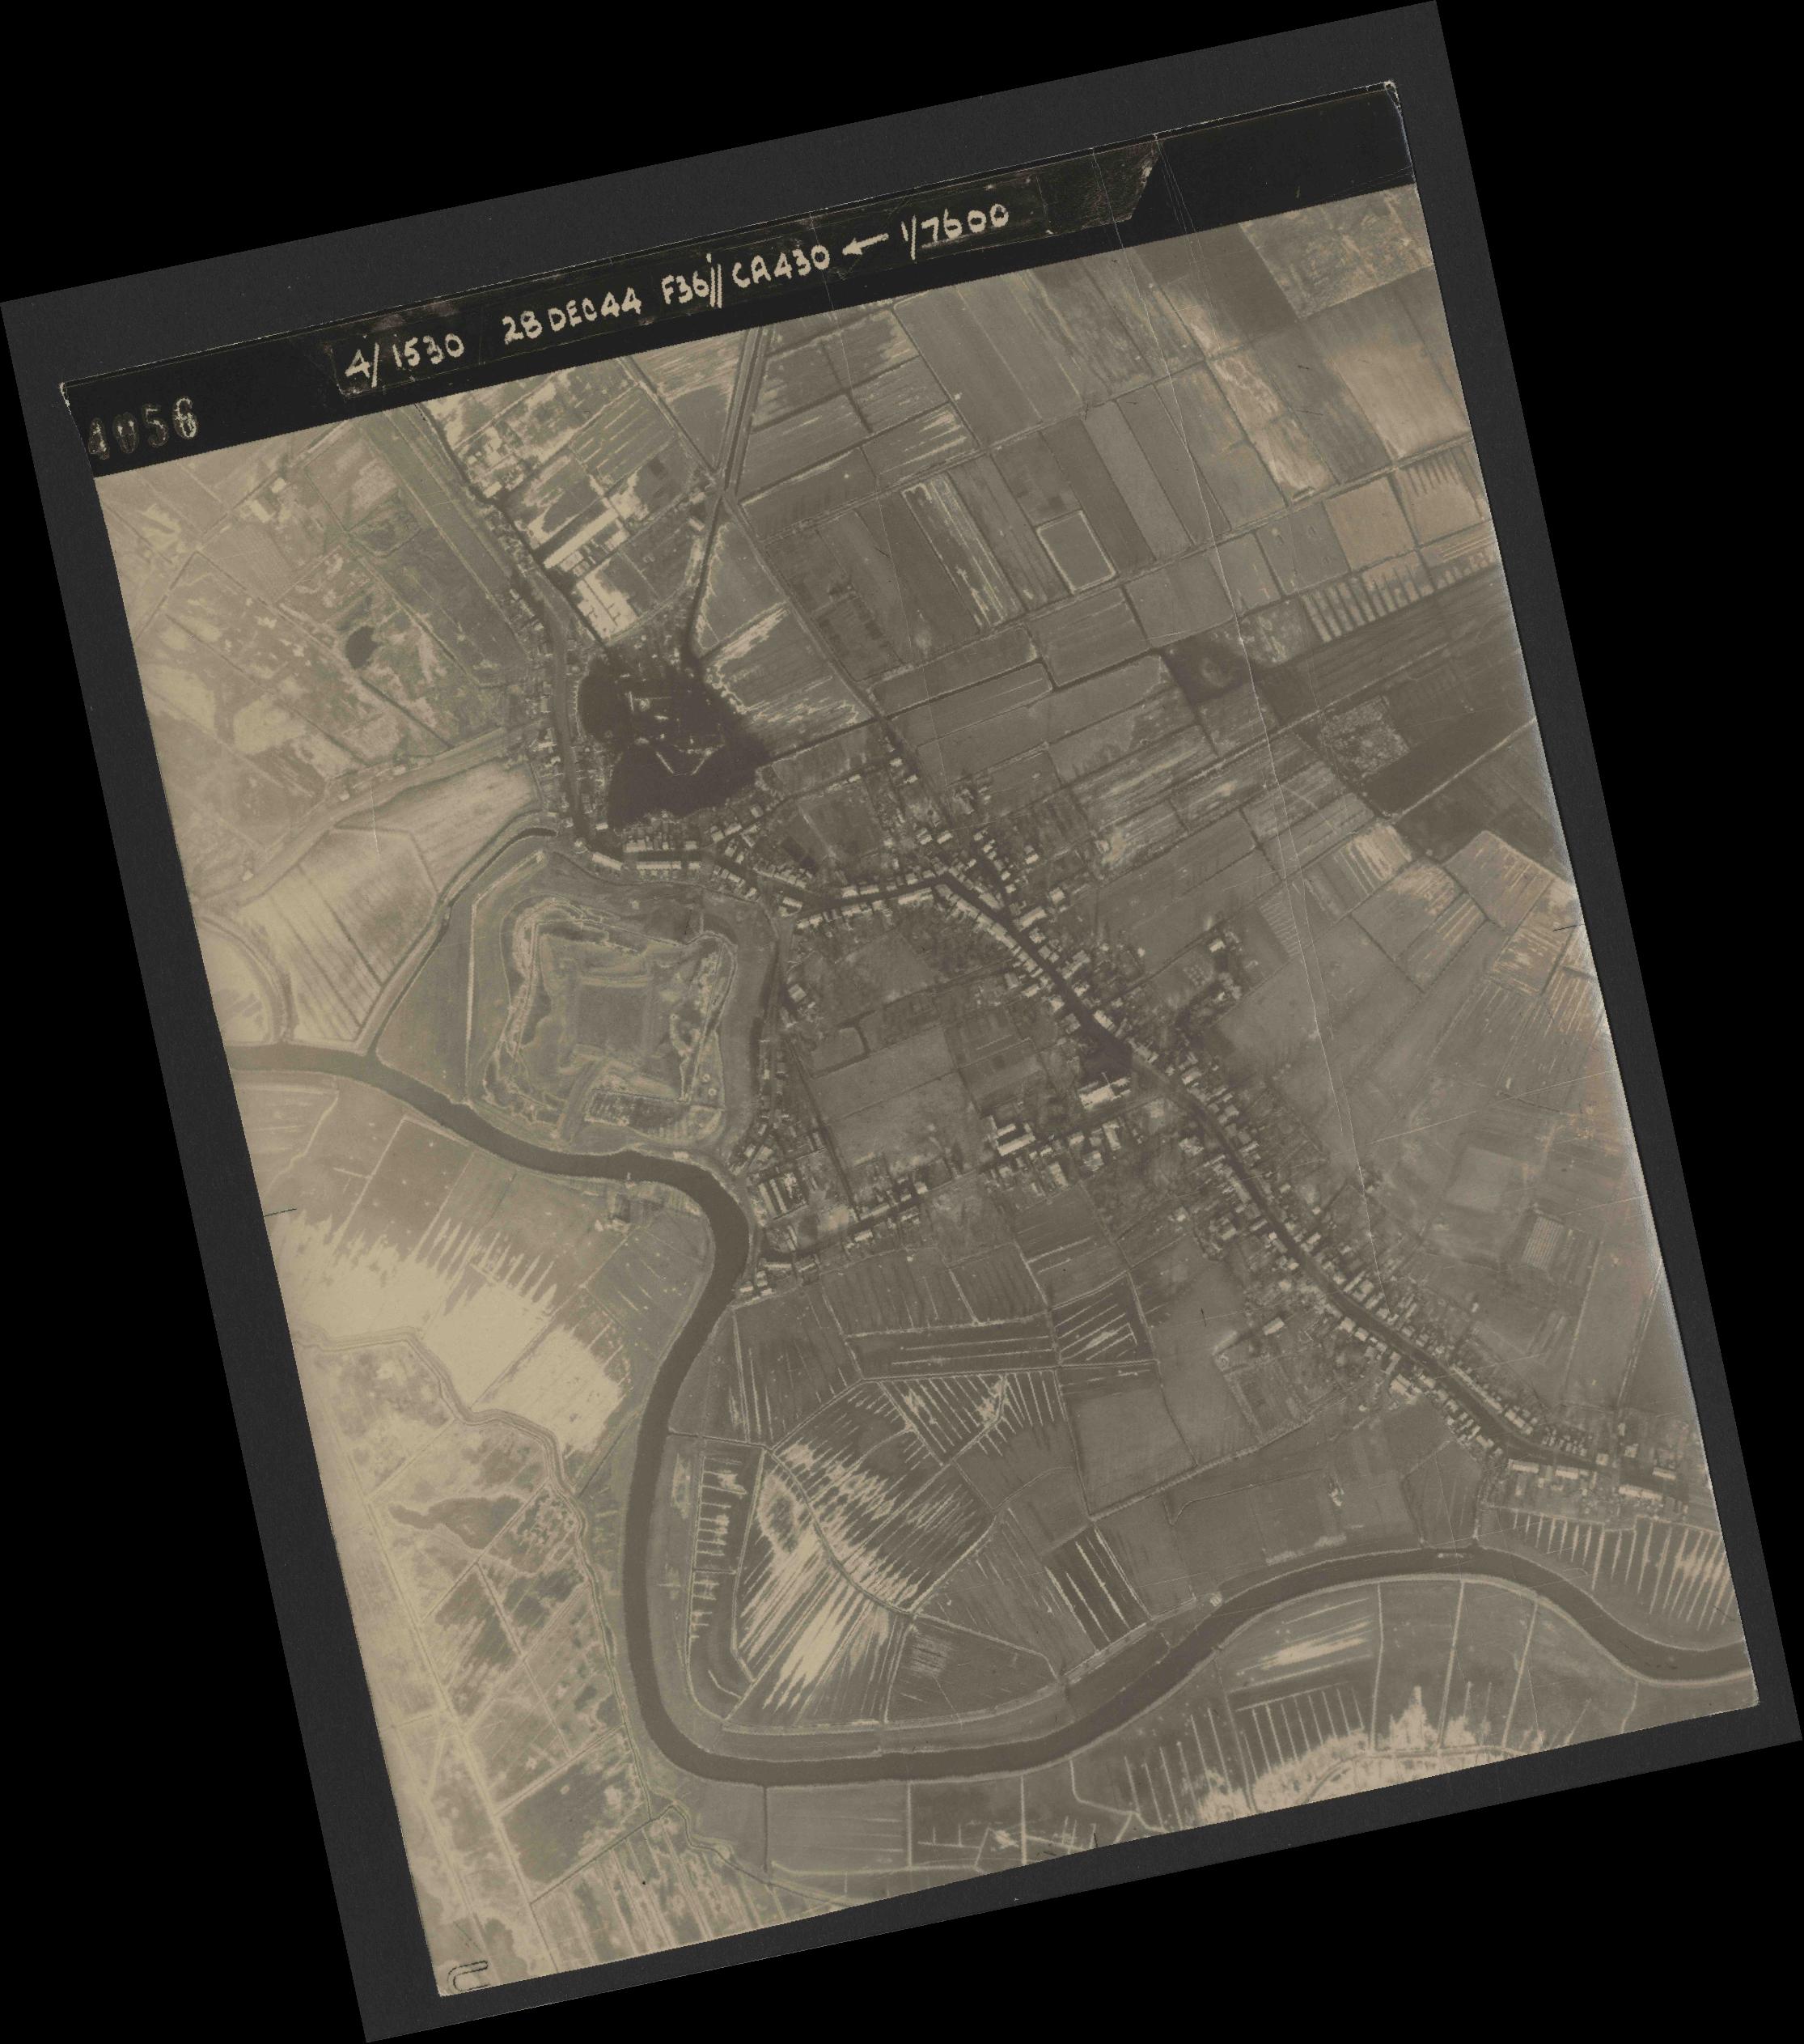 Collection RAF aerial photos 1940-1945 - flight 050, run 05, photo 4056